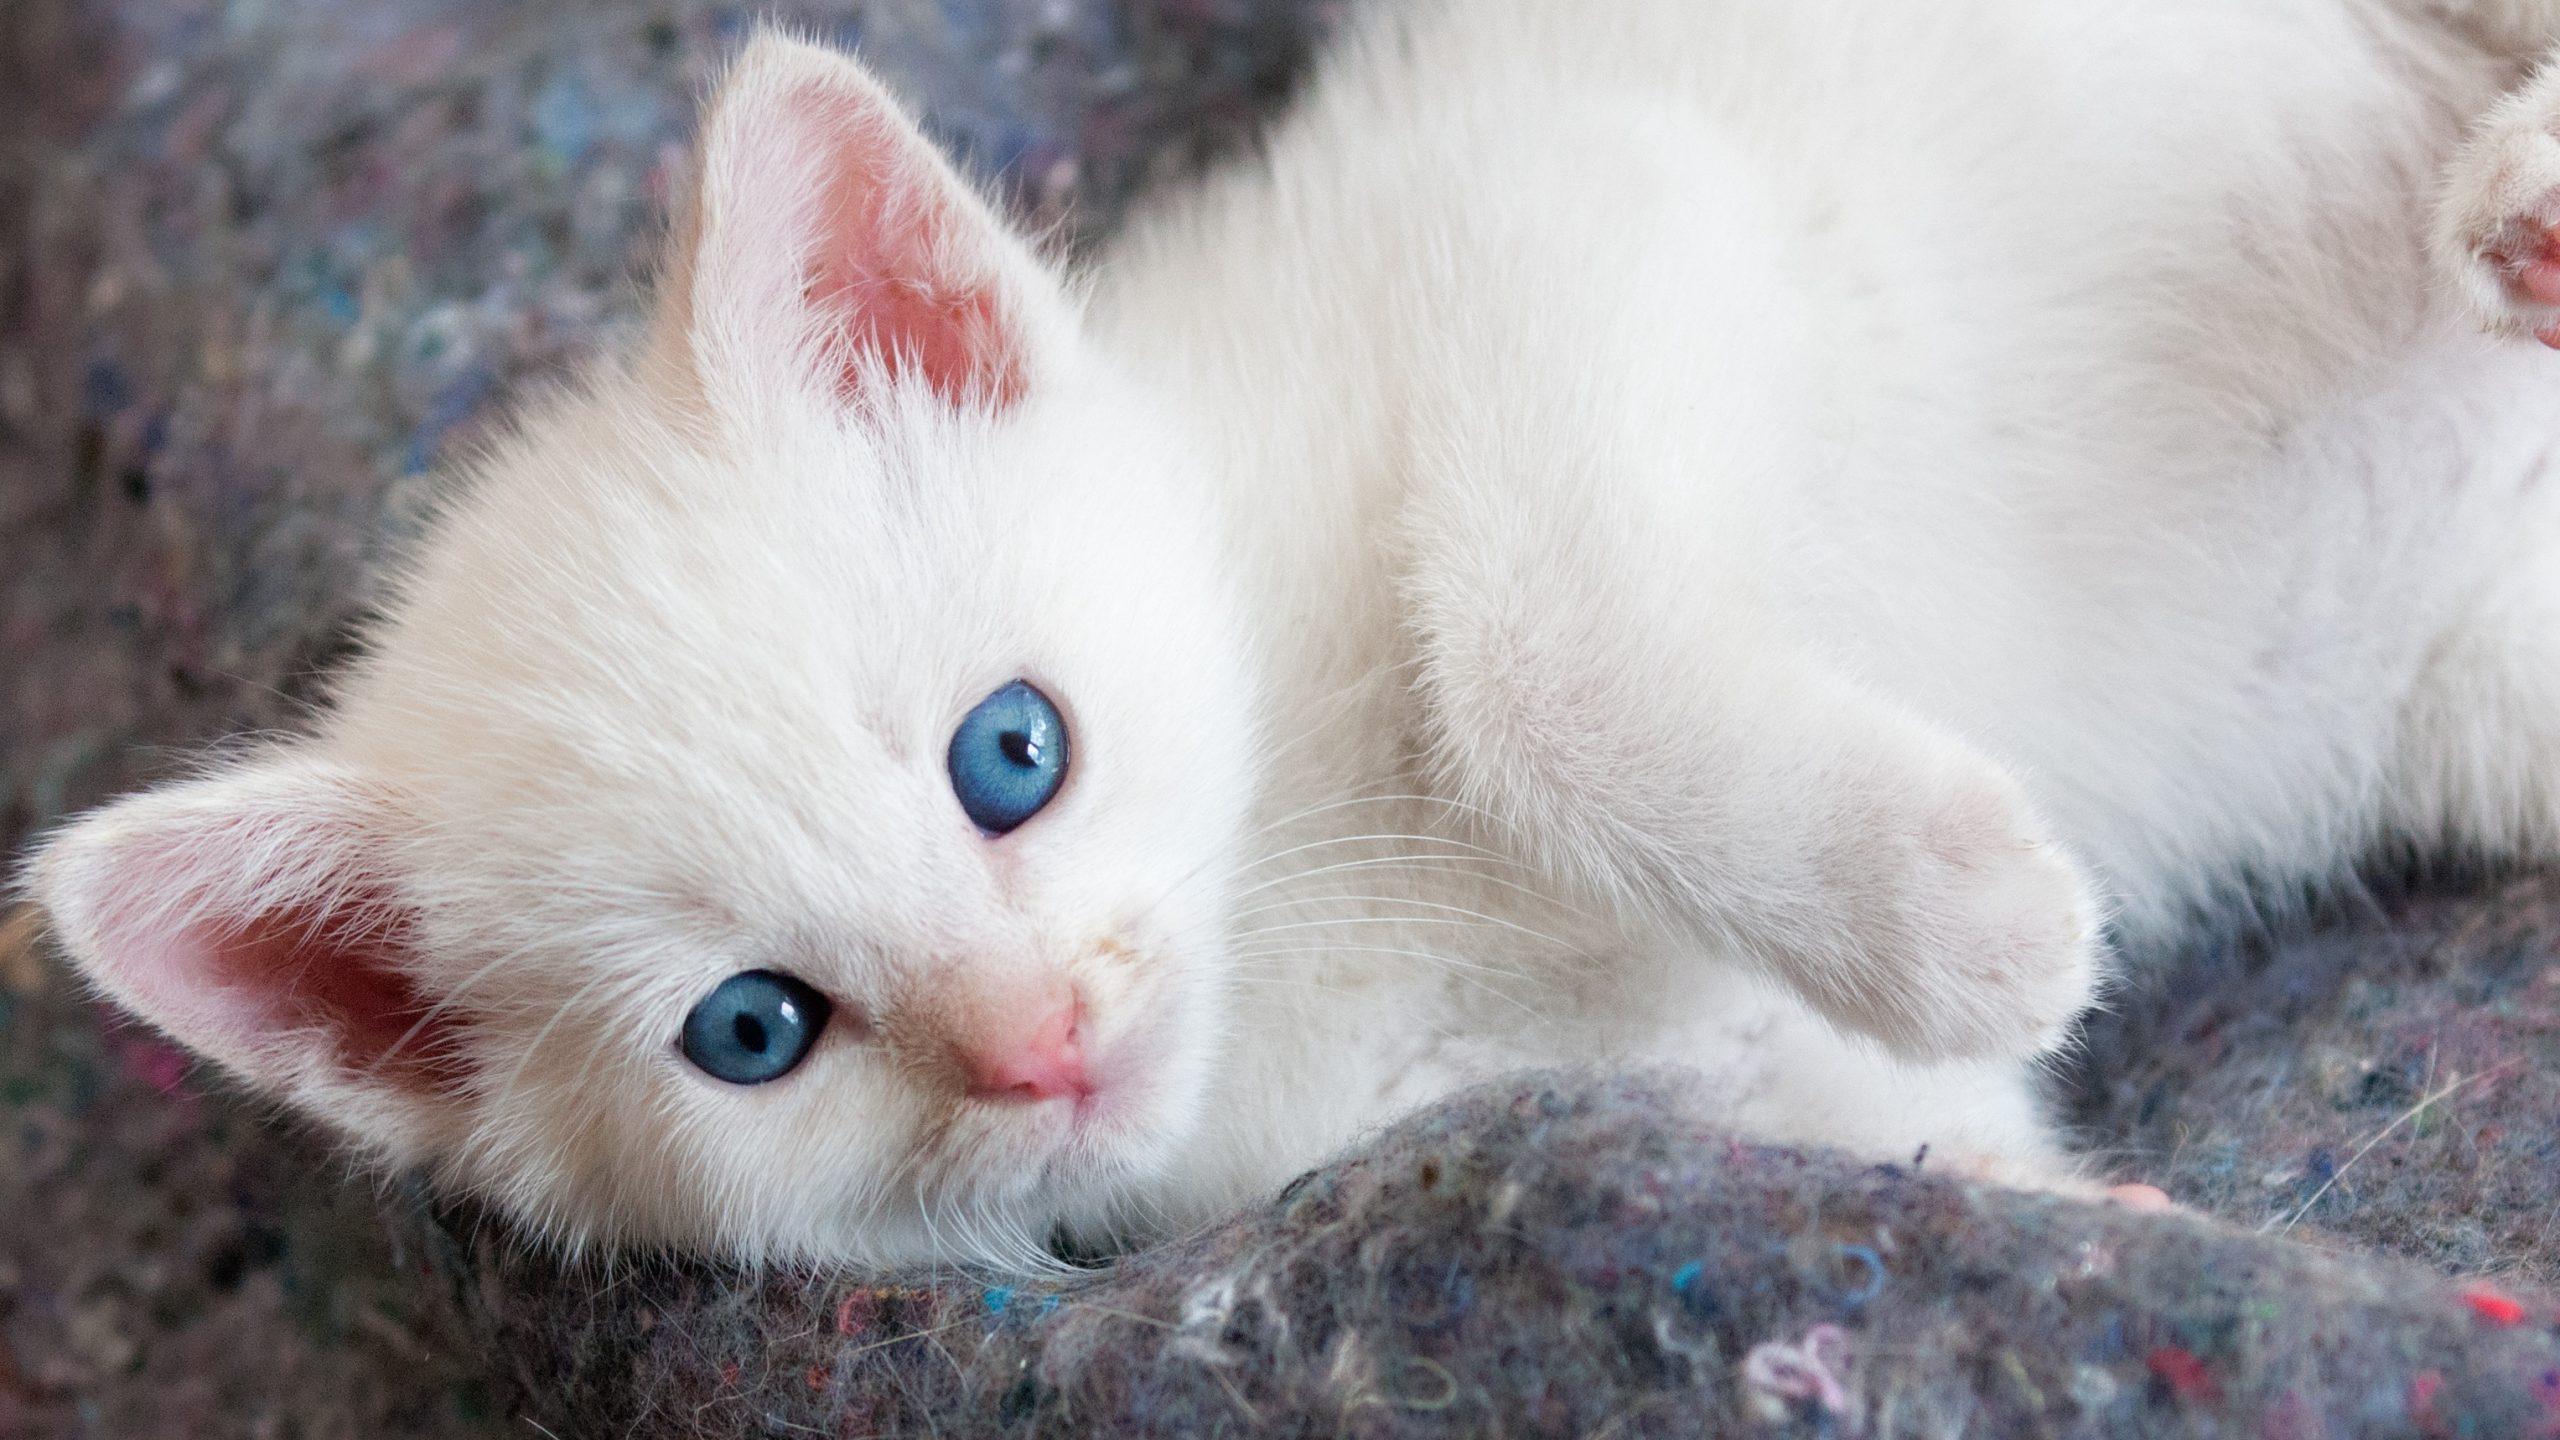 Cute Kitten Wallpaper For Mobile Beautiful White Kitten With Blue Eyes Hd Wallpaper